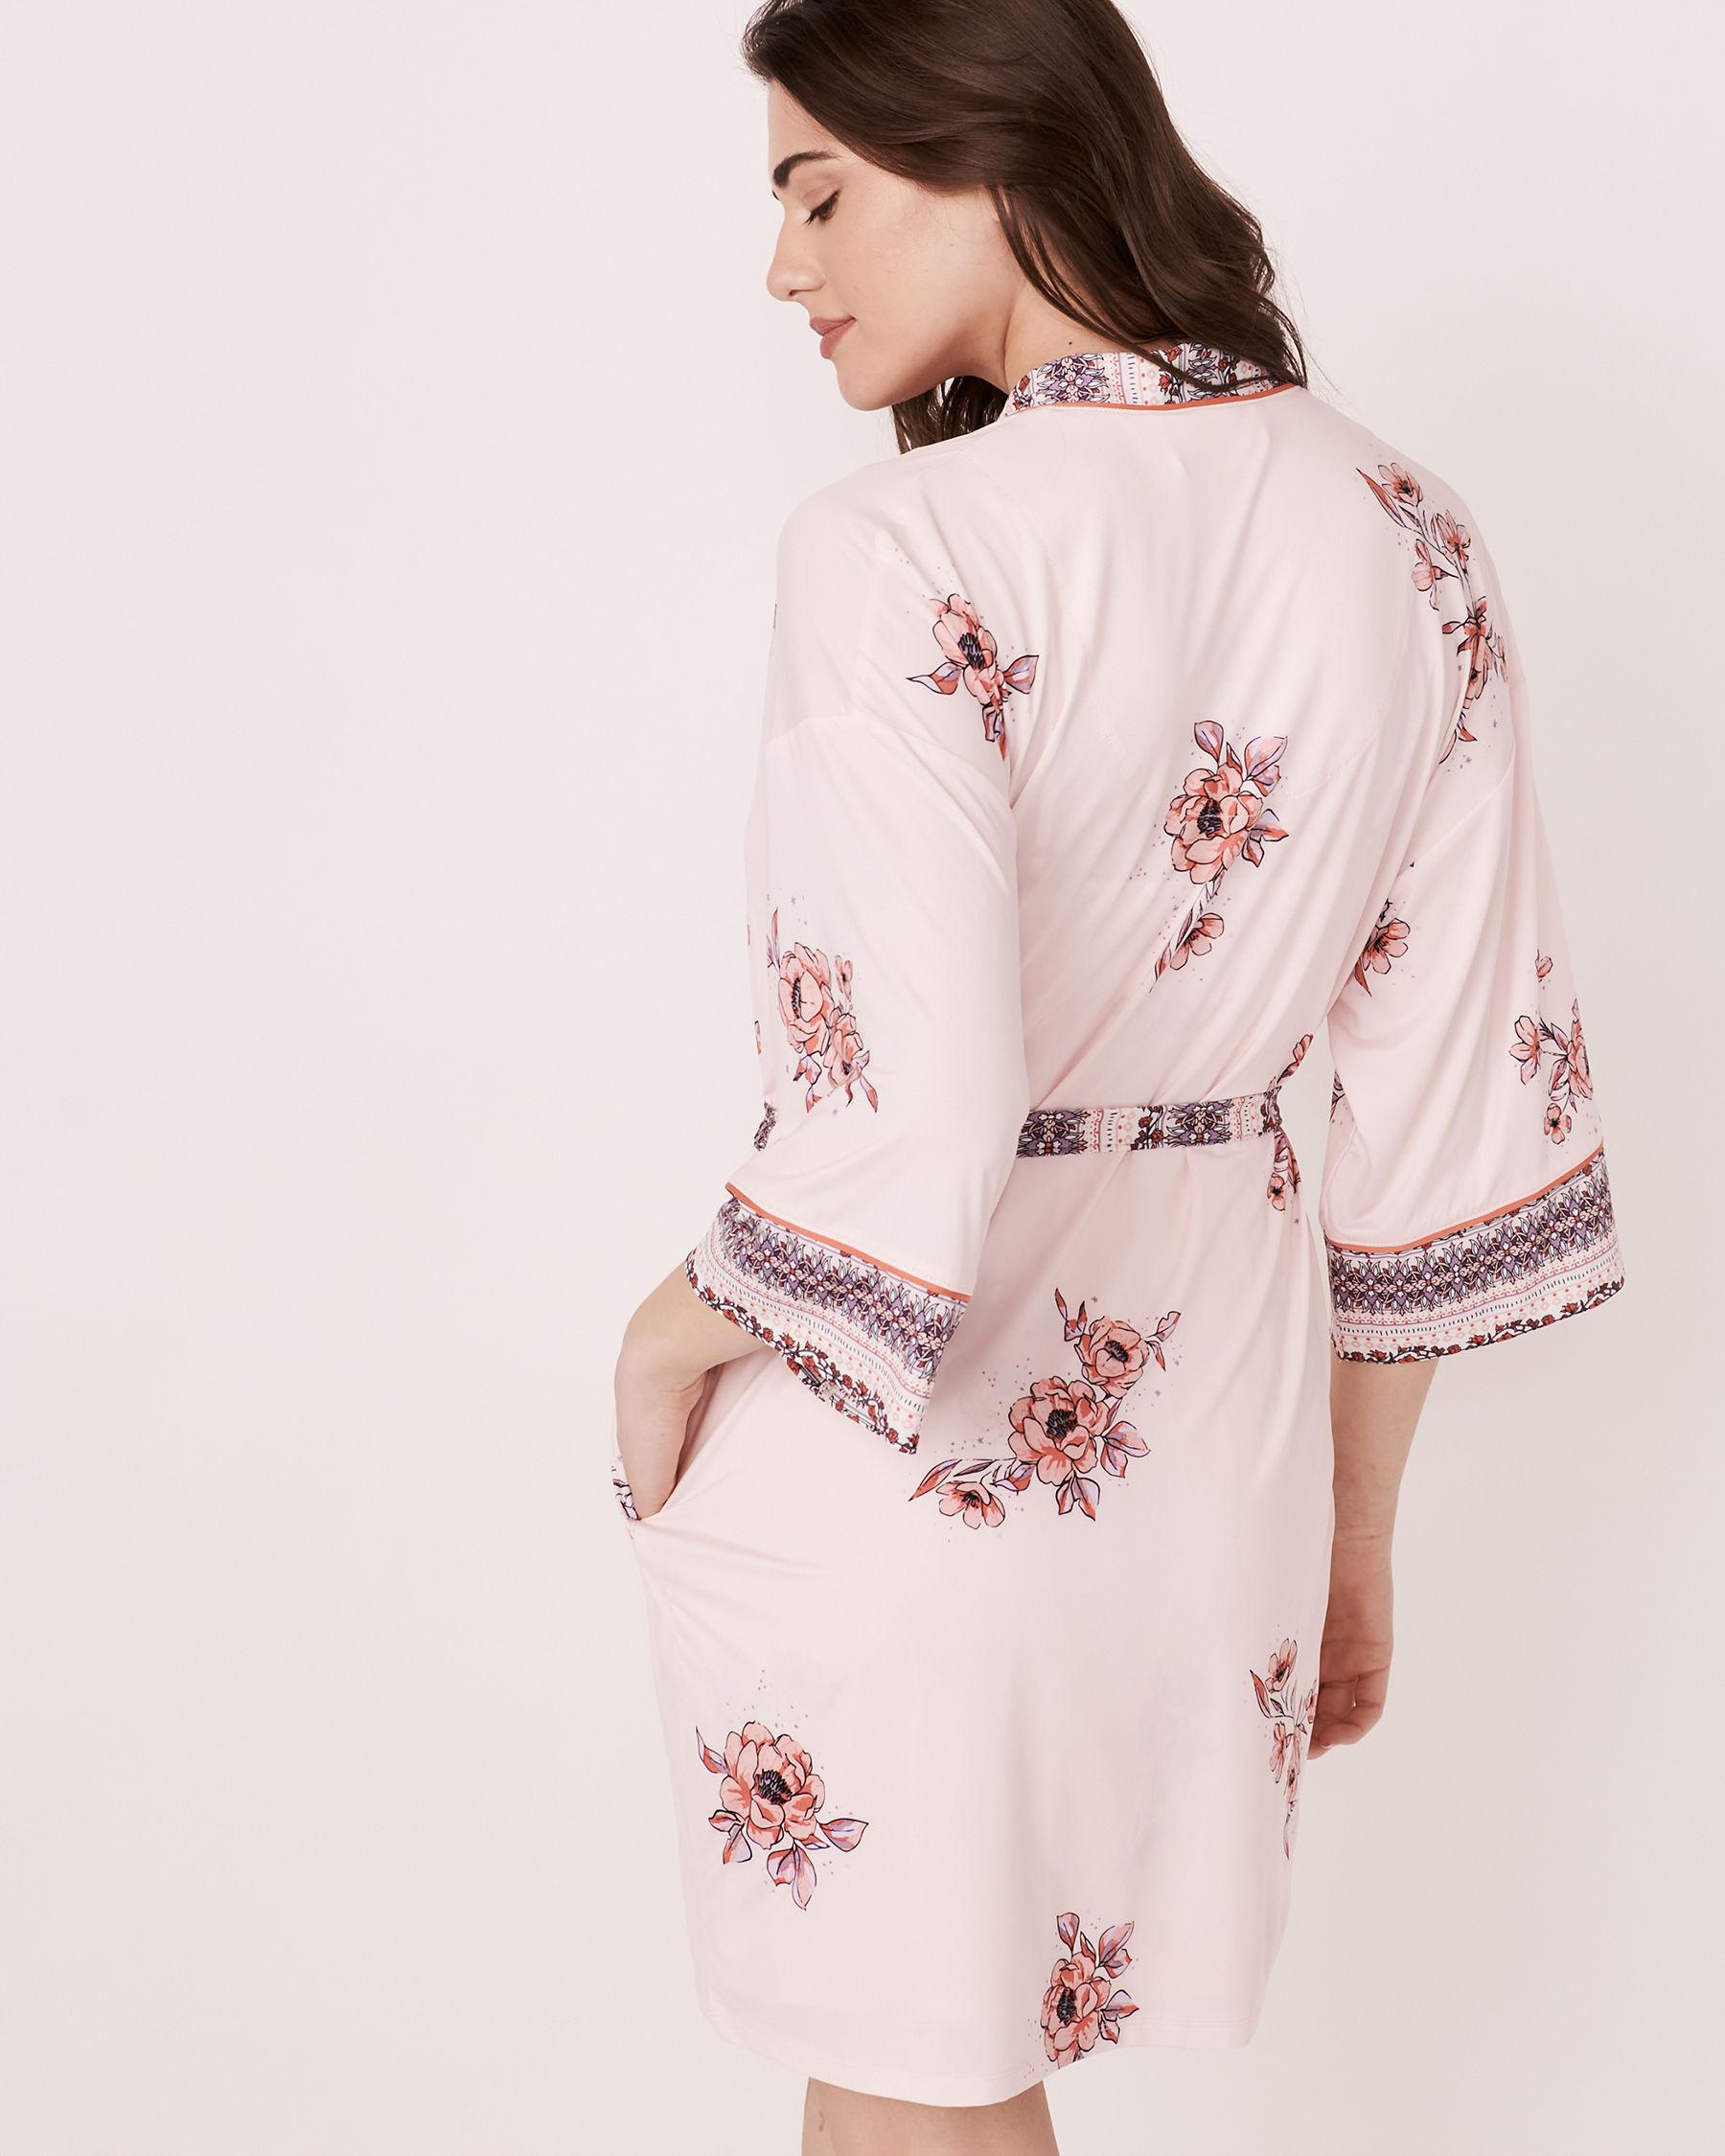 LA VIE EN ROSE Recycled Fibers Kimono Floral print 40600011 - View2